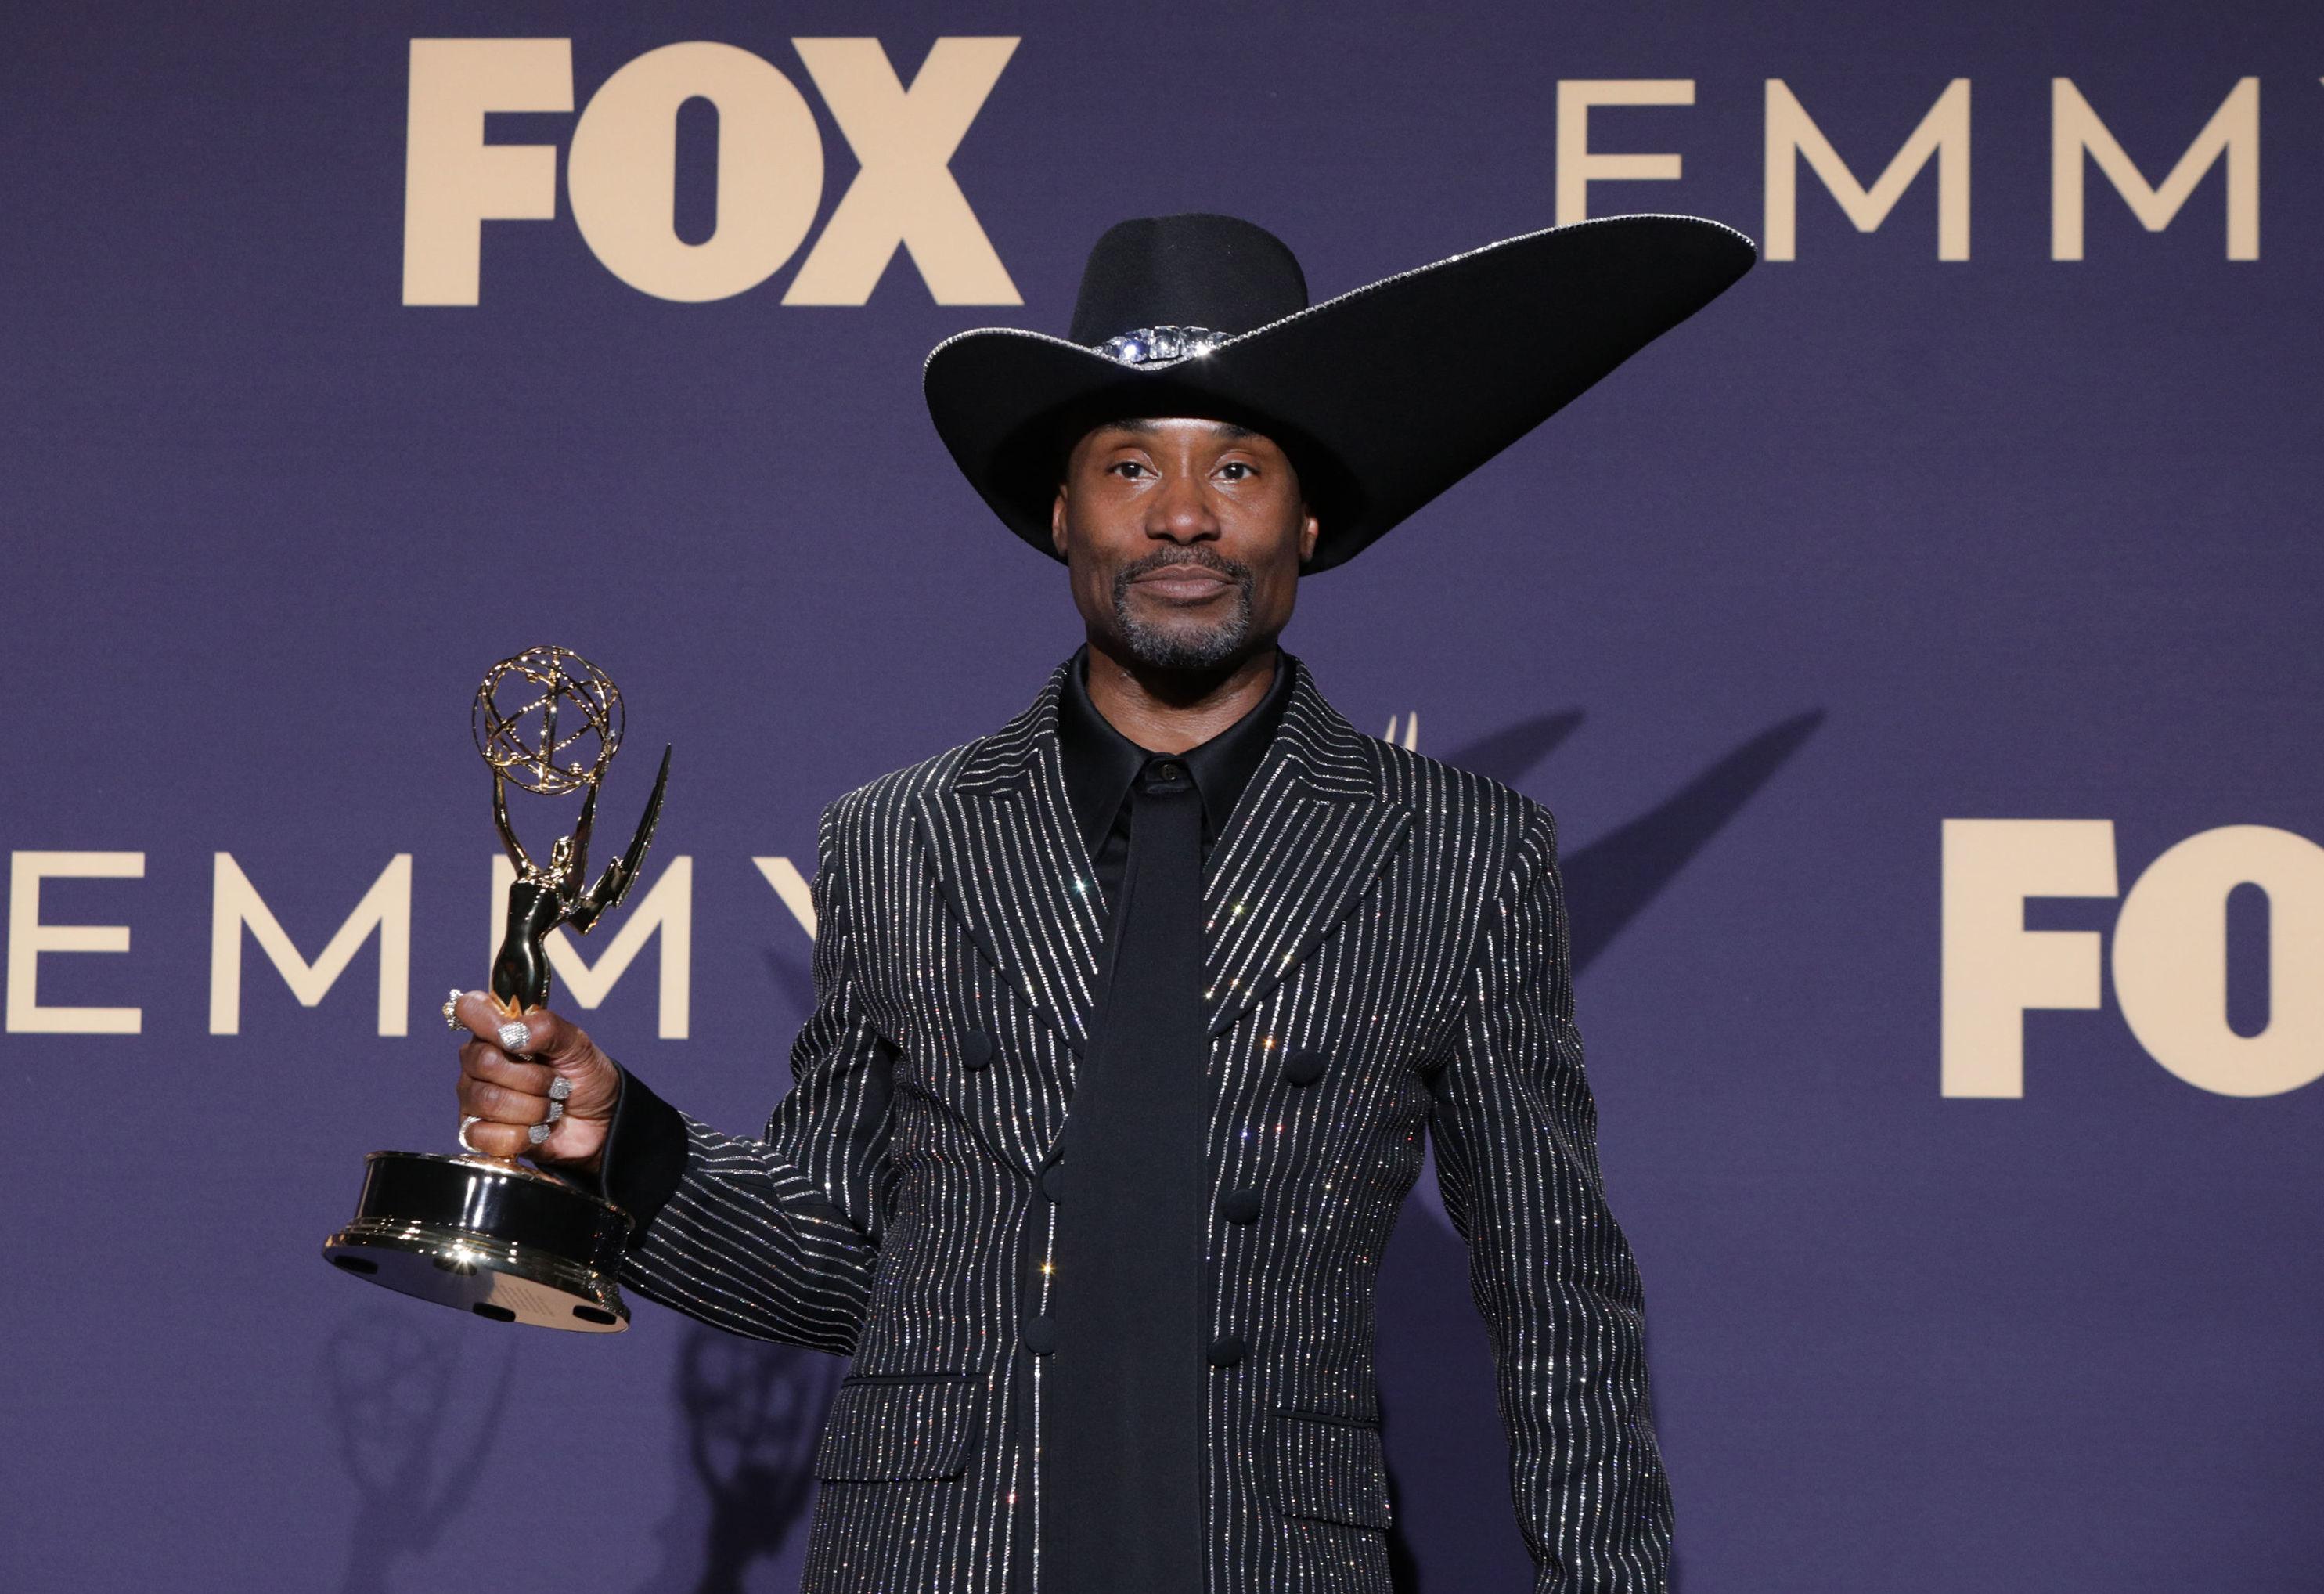 بيلي بورتر يفوز بجائزة أفضل ممثل درامي في حفل جوائز إيمي التلفزيونية الـ71، 22 سبتمبر/أيلول 2019